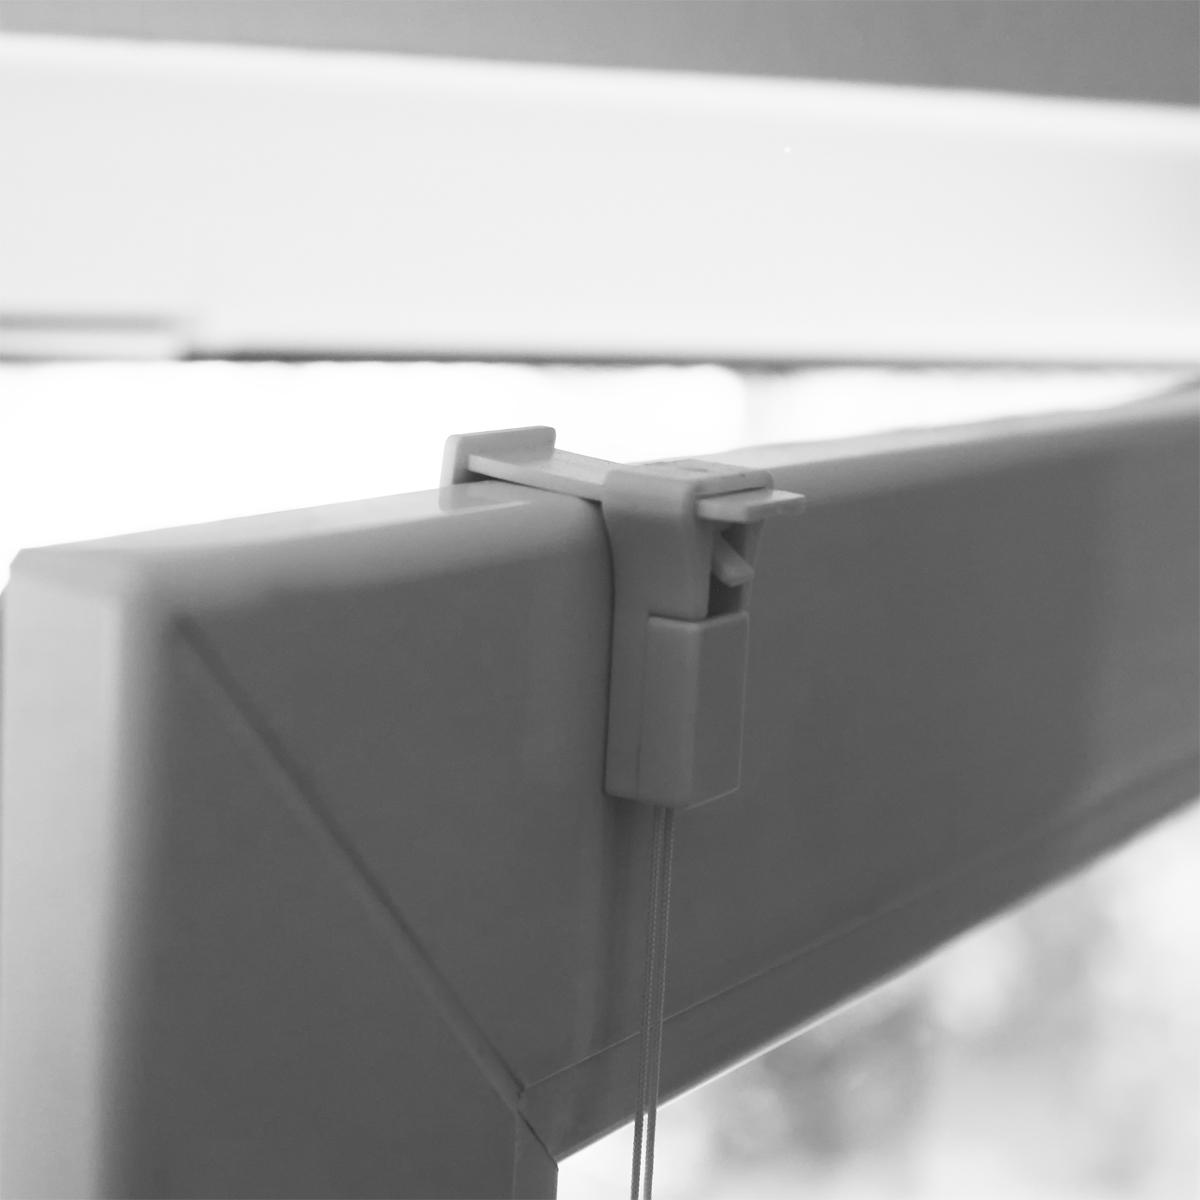 plissee klemmfix breite 40 110cm weiss creme klemmtr ger l nge 110 220cm rollo ebay. Black Bedroom Furniture Sets. Home Design Ideas